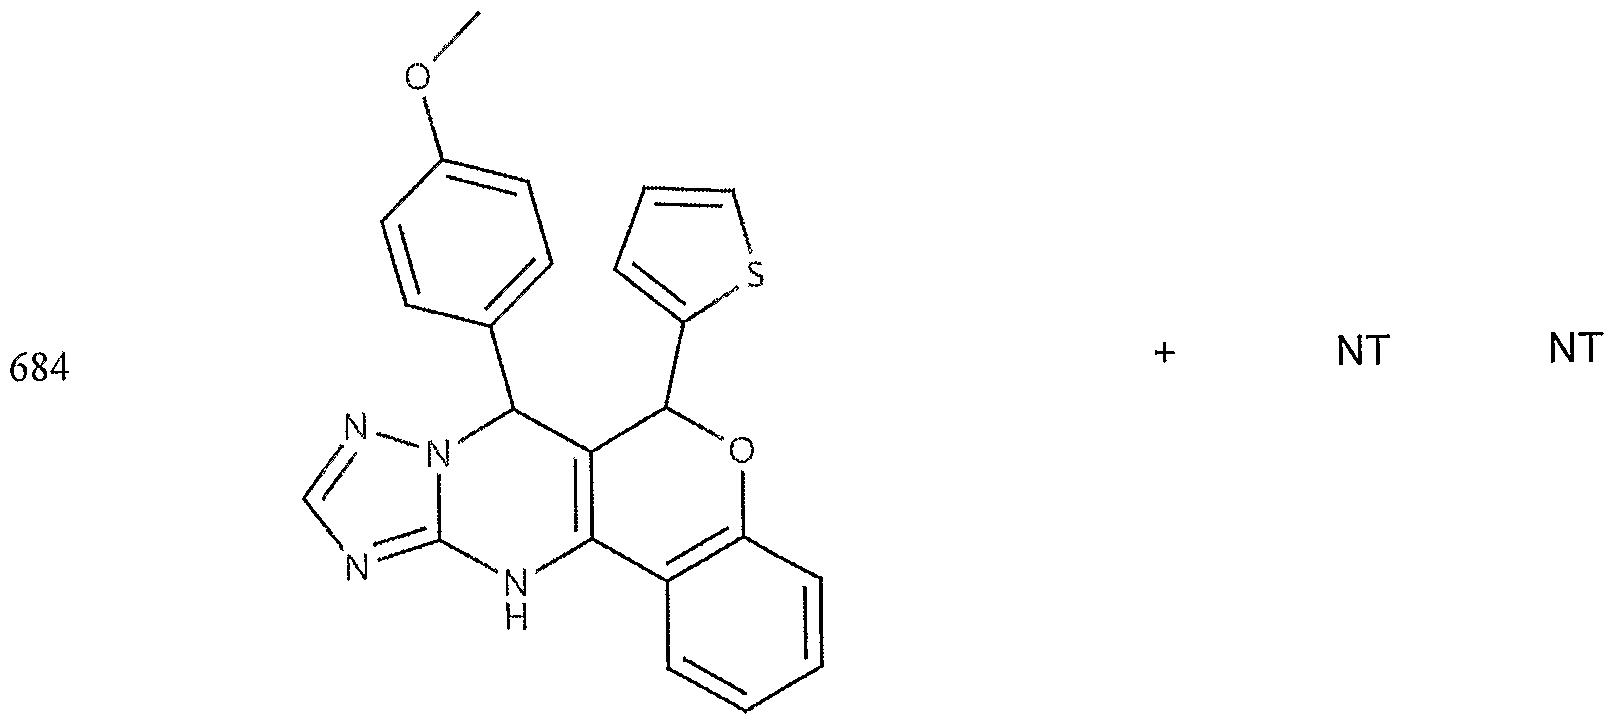 Figure imgf000258_0003